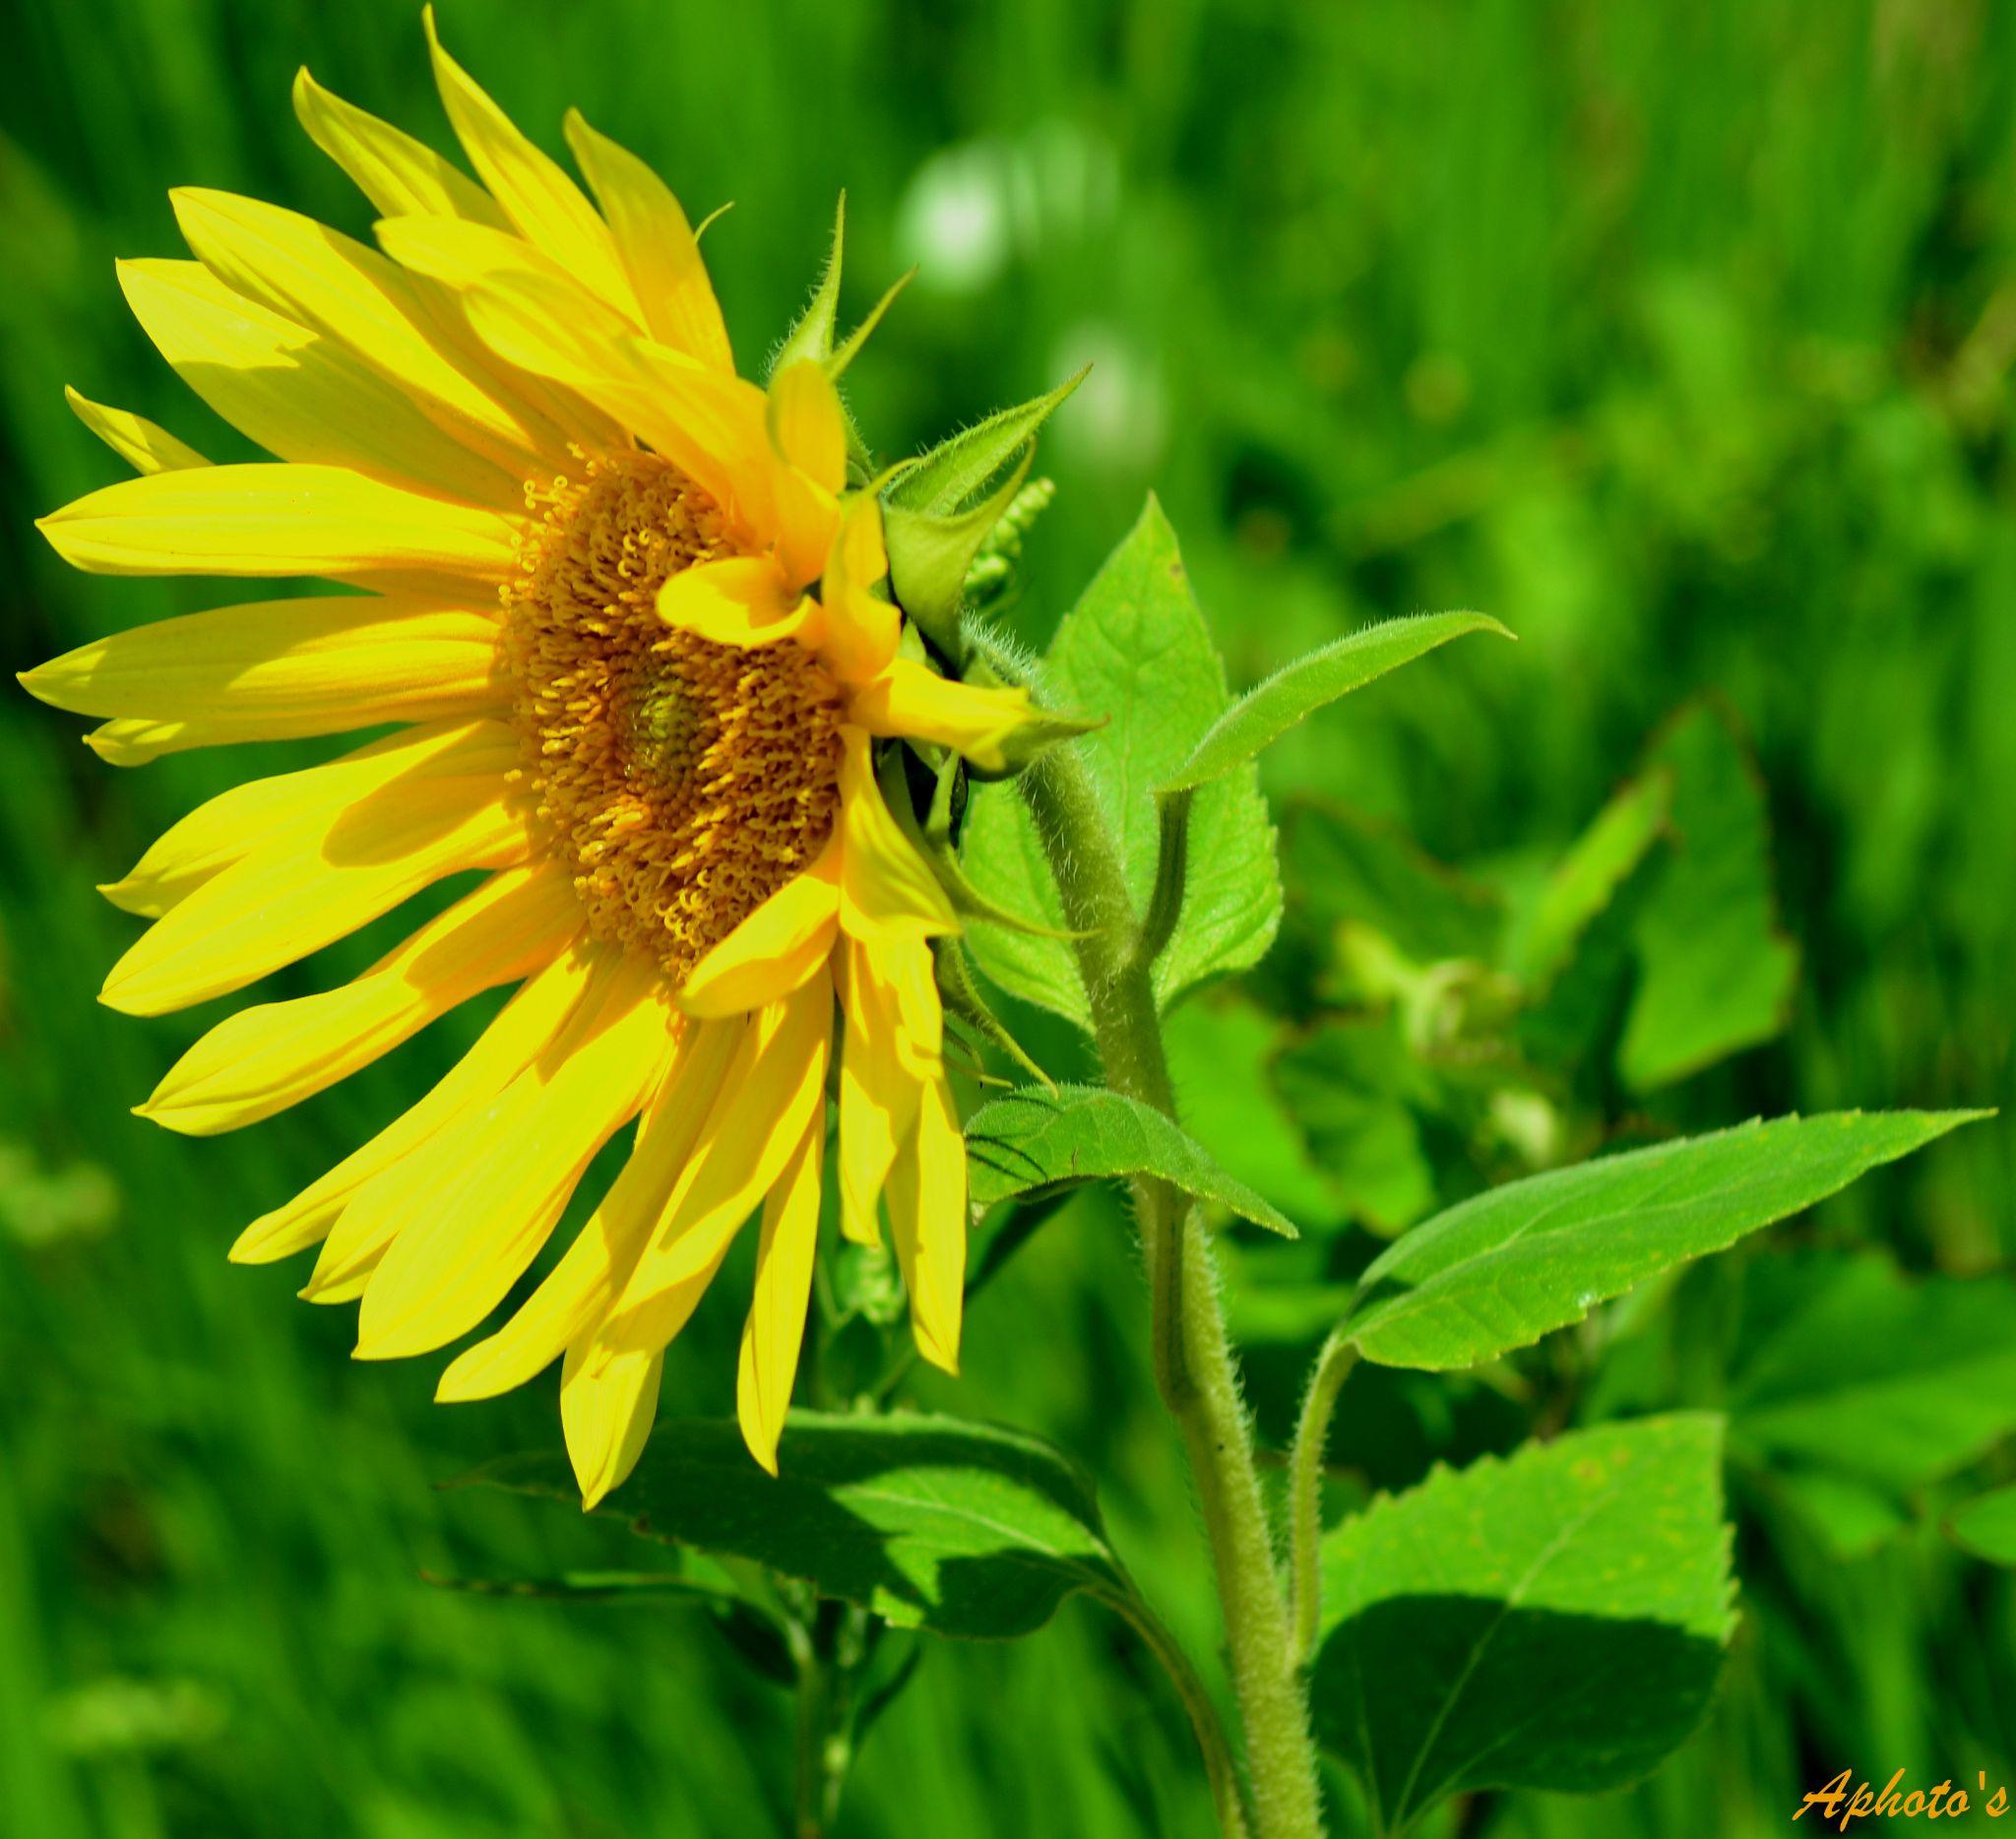 Soarelui.... by postoleaalexandru7